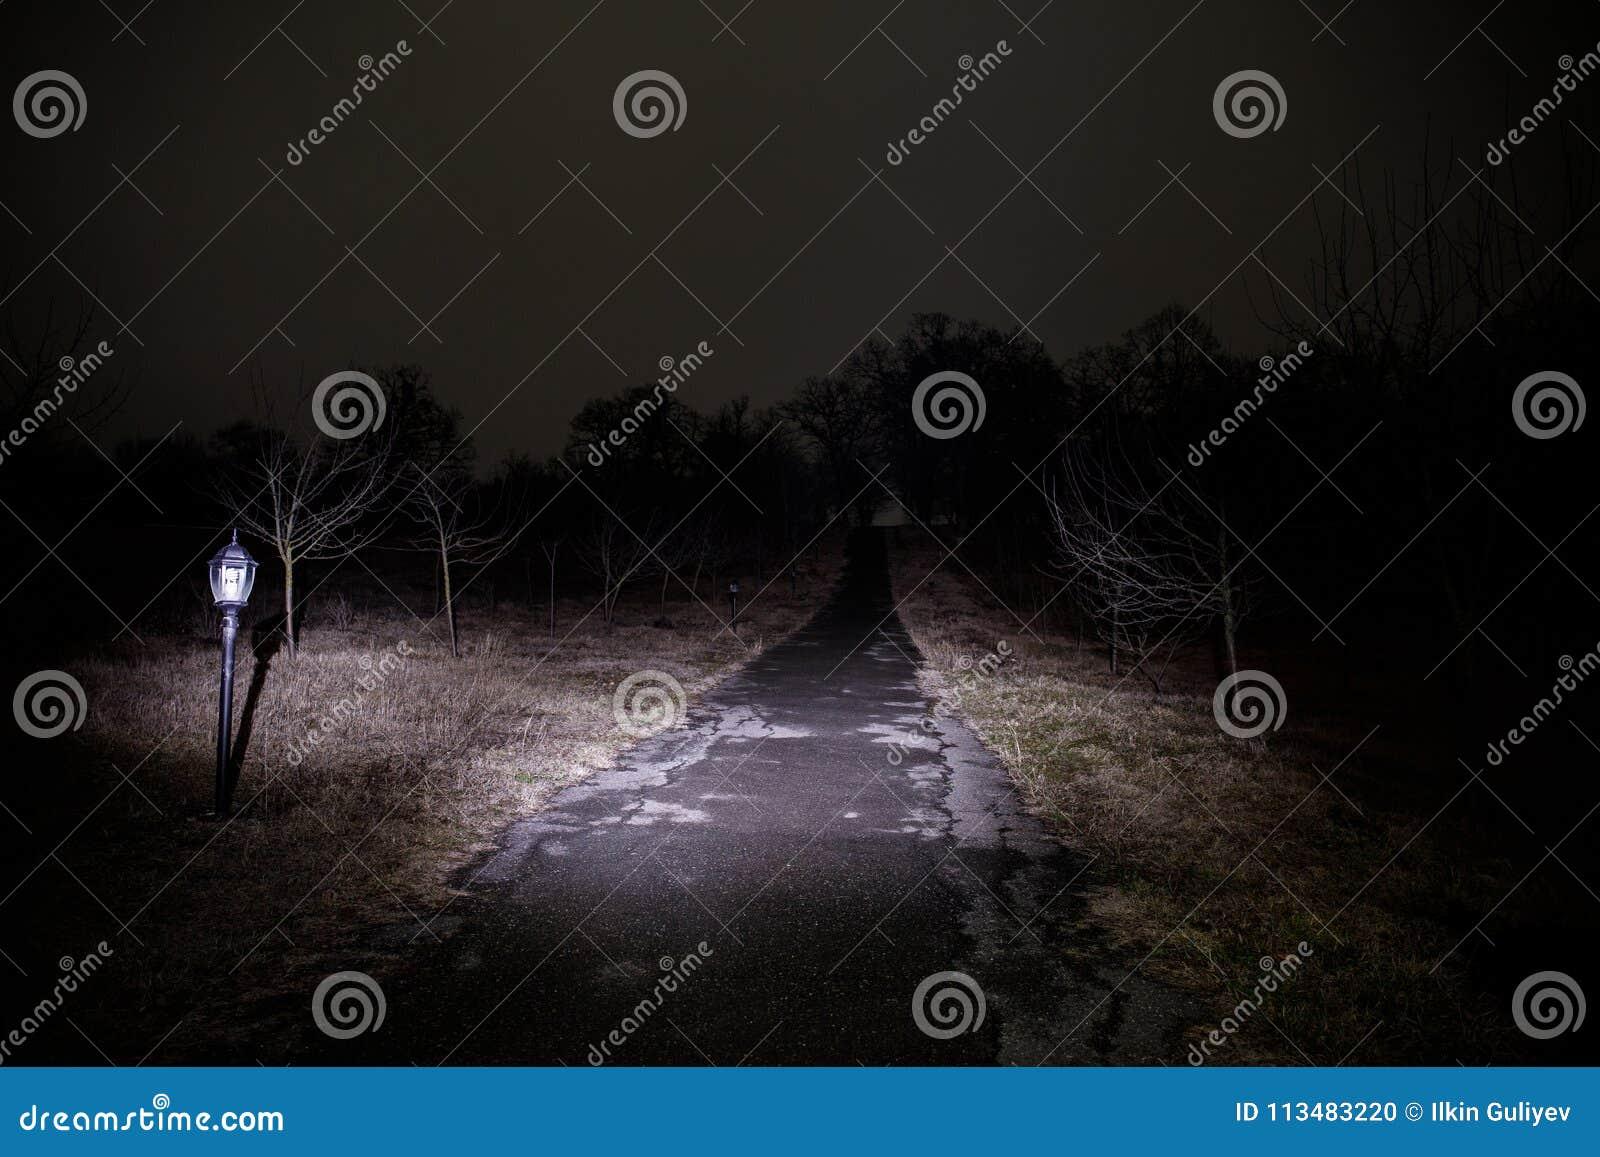 Lumière étrange dans une forêt foncée la nuit Silhouette de personne se tenant dans la forêt foncée avec la lumière Nuit foncée d